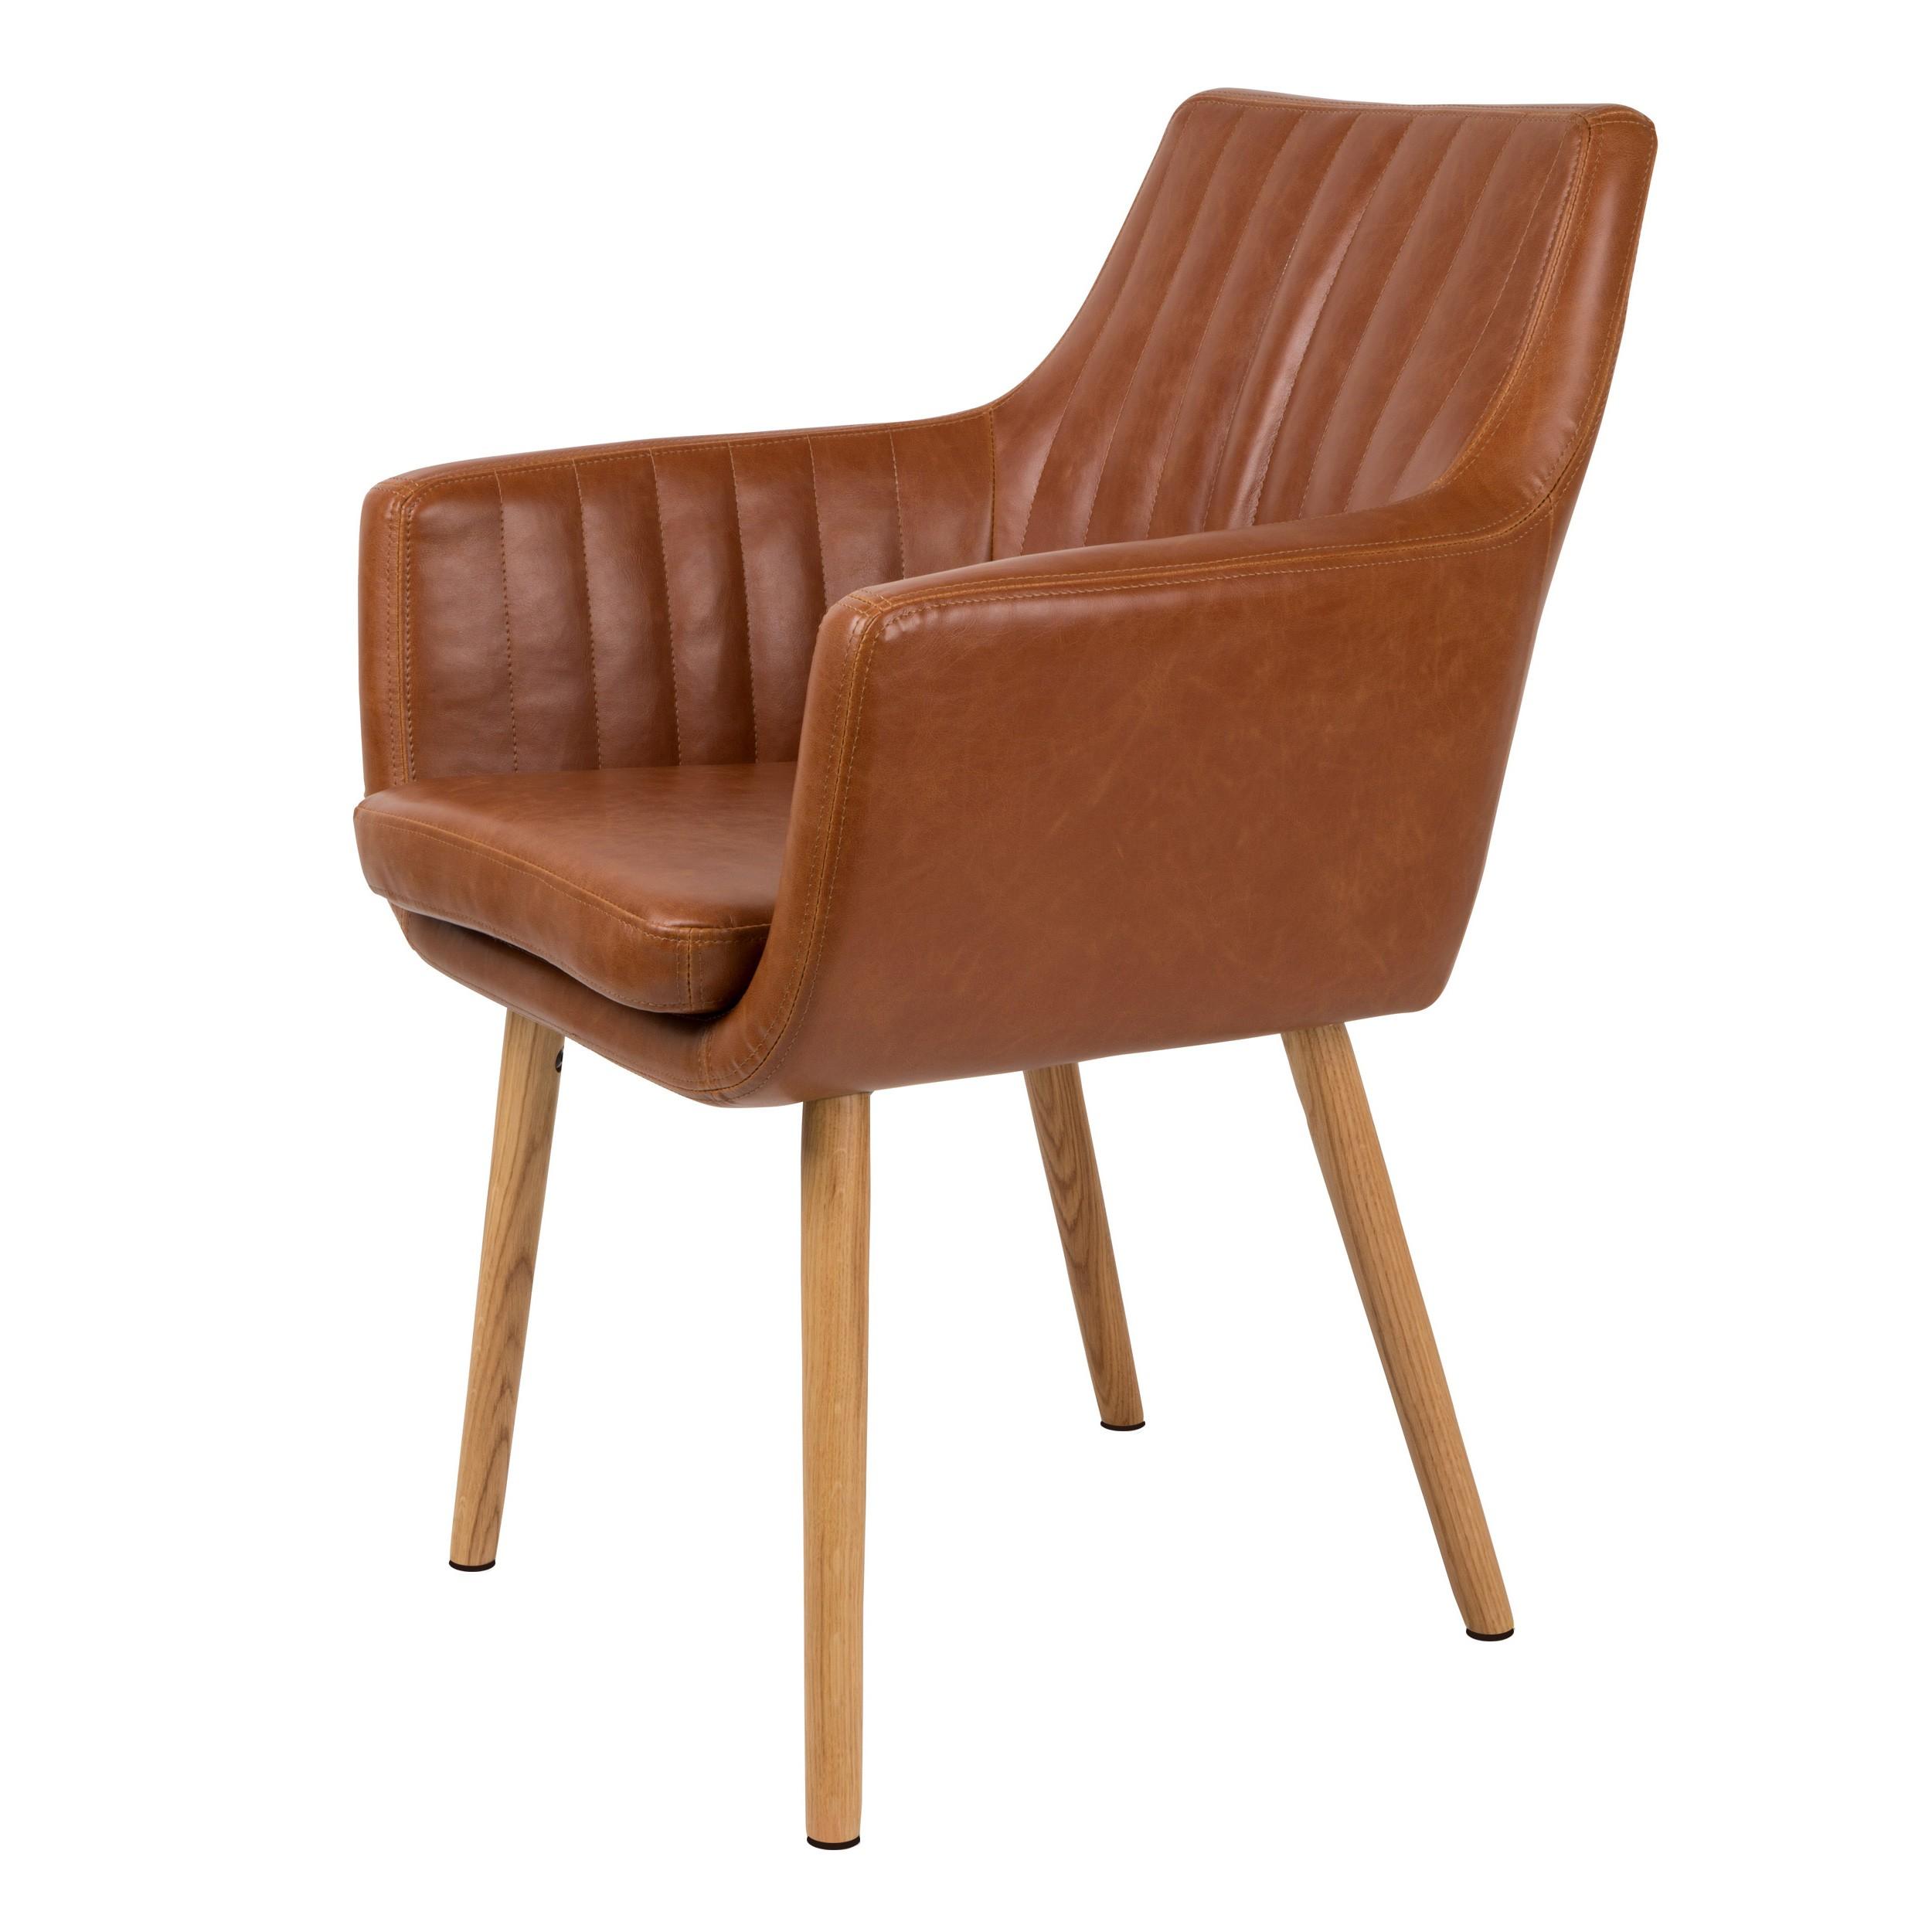 acheter chaise cognac cuir